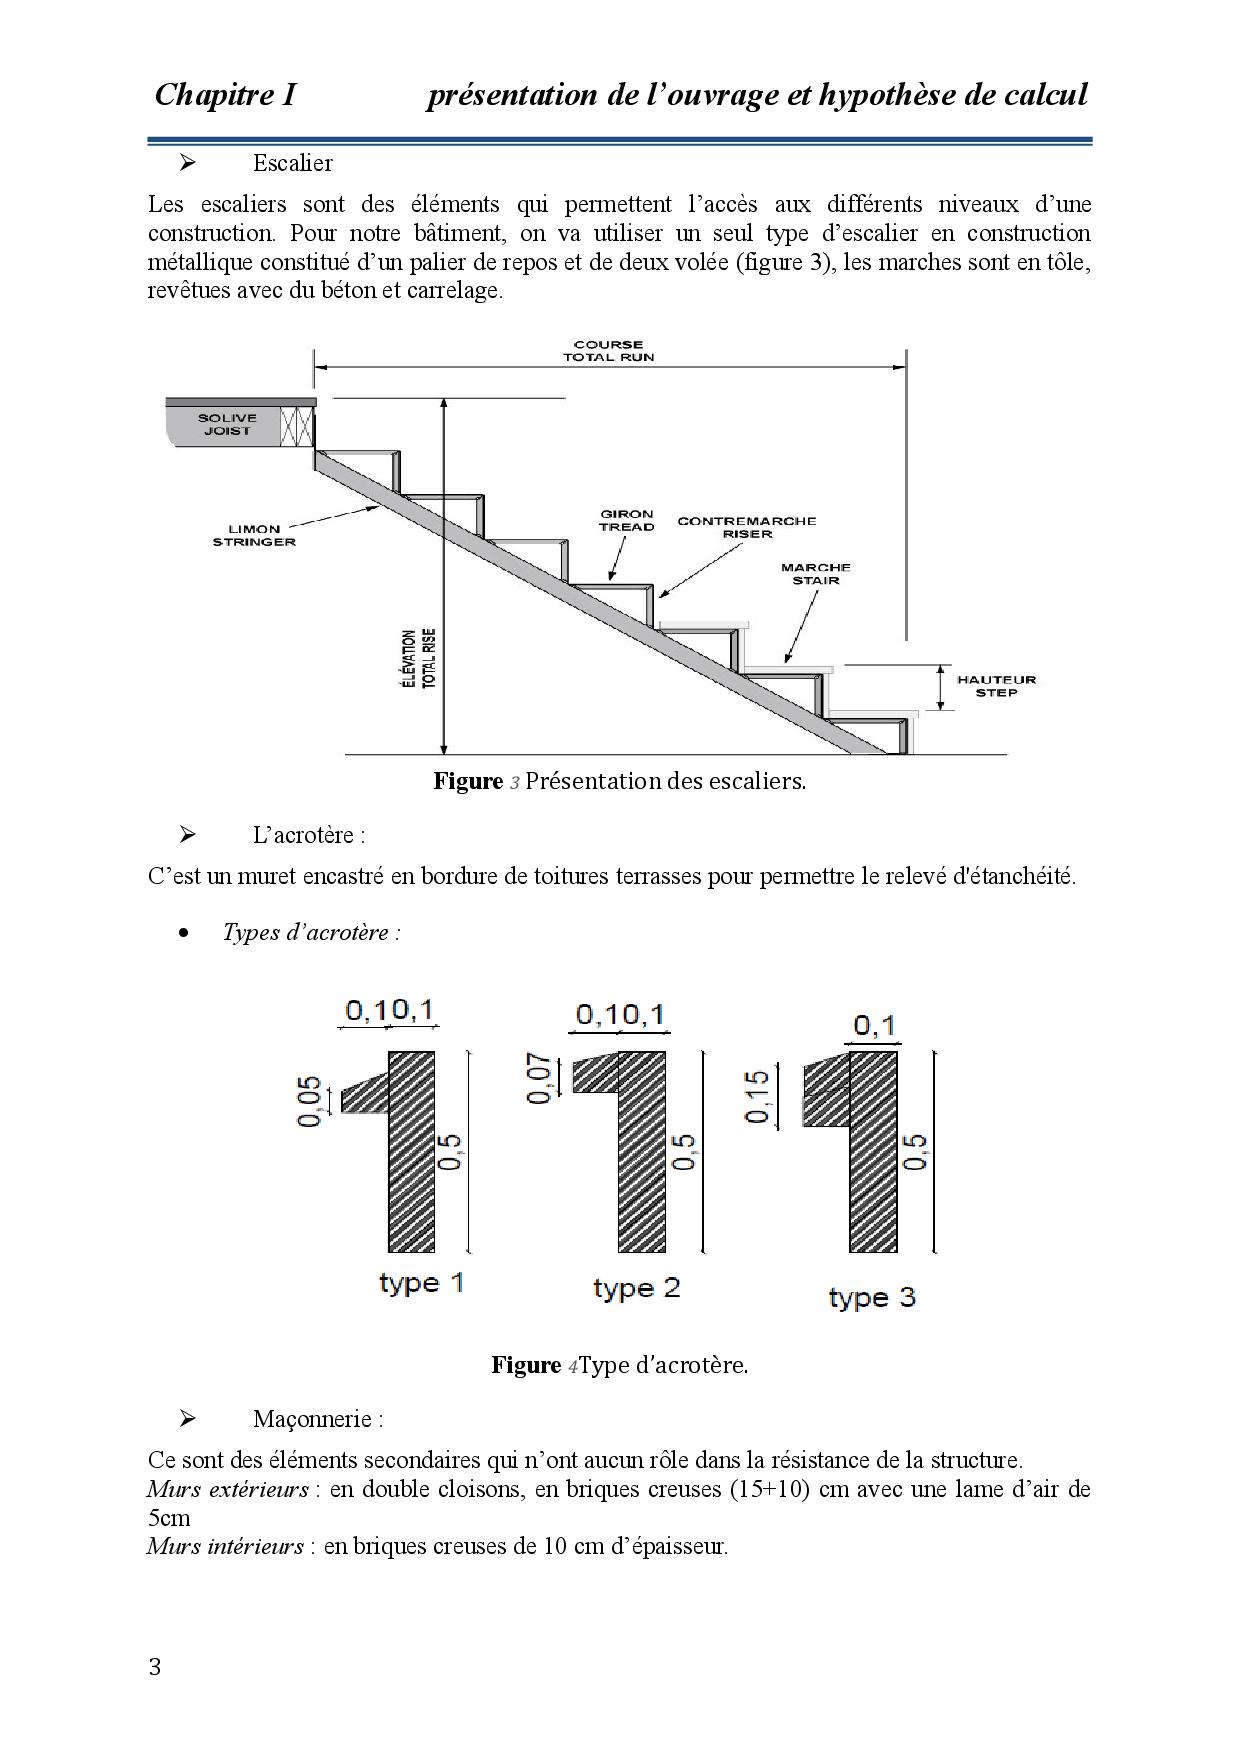 Présentation De Louvrage Et Hypothèse De Calcul - Docsity dedans Acrotere Toiture Terrasse